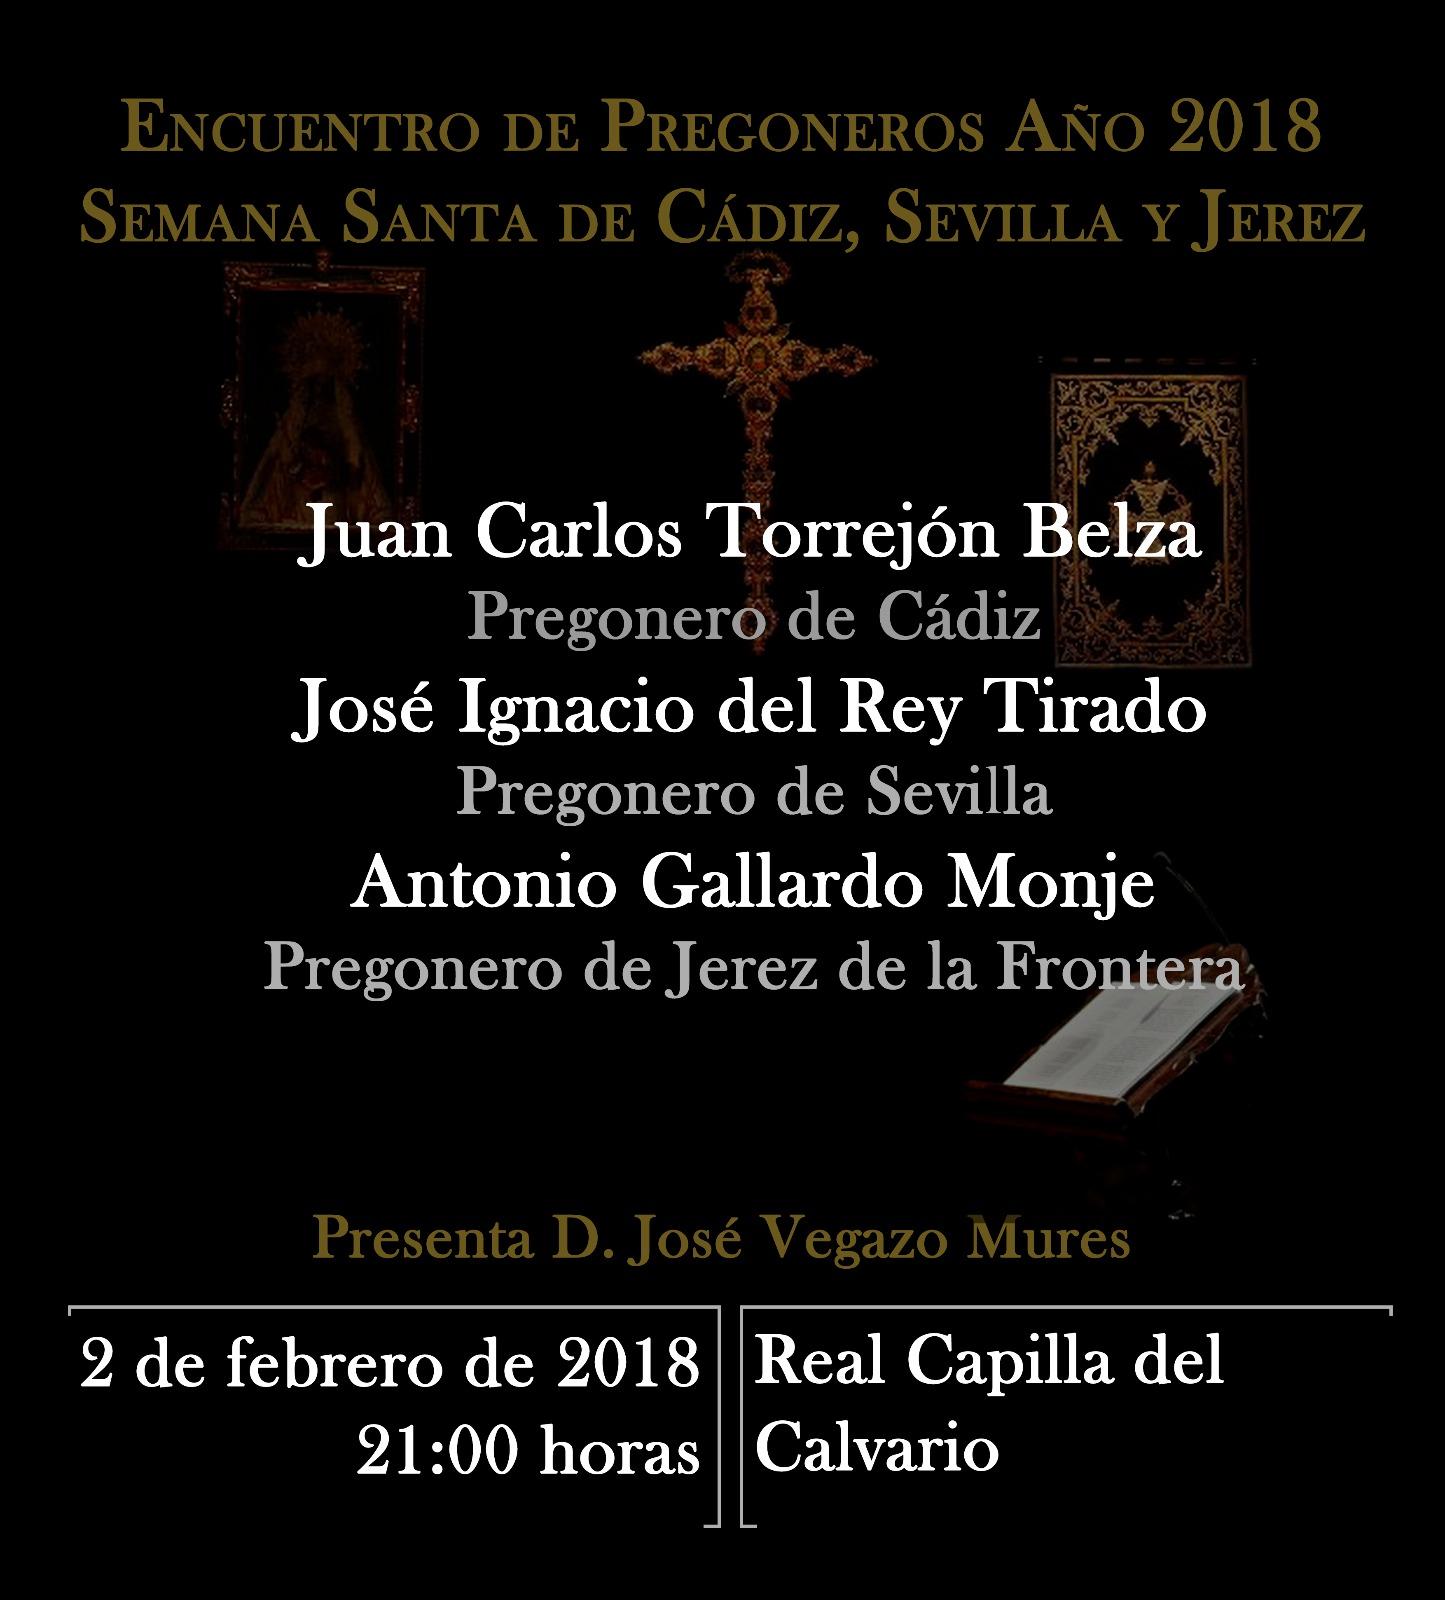 Encuentro de Pregoneros de la Semana Santa 2018